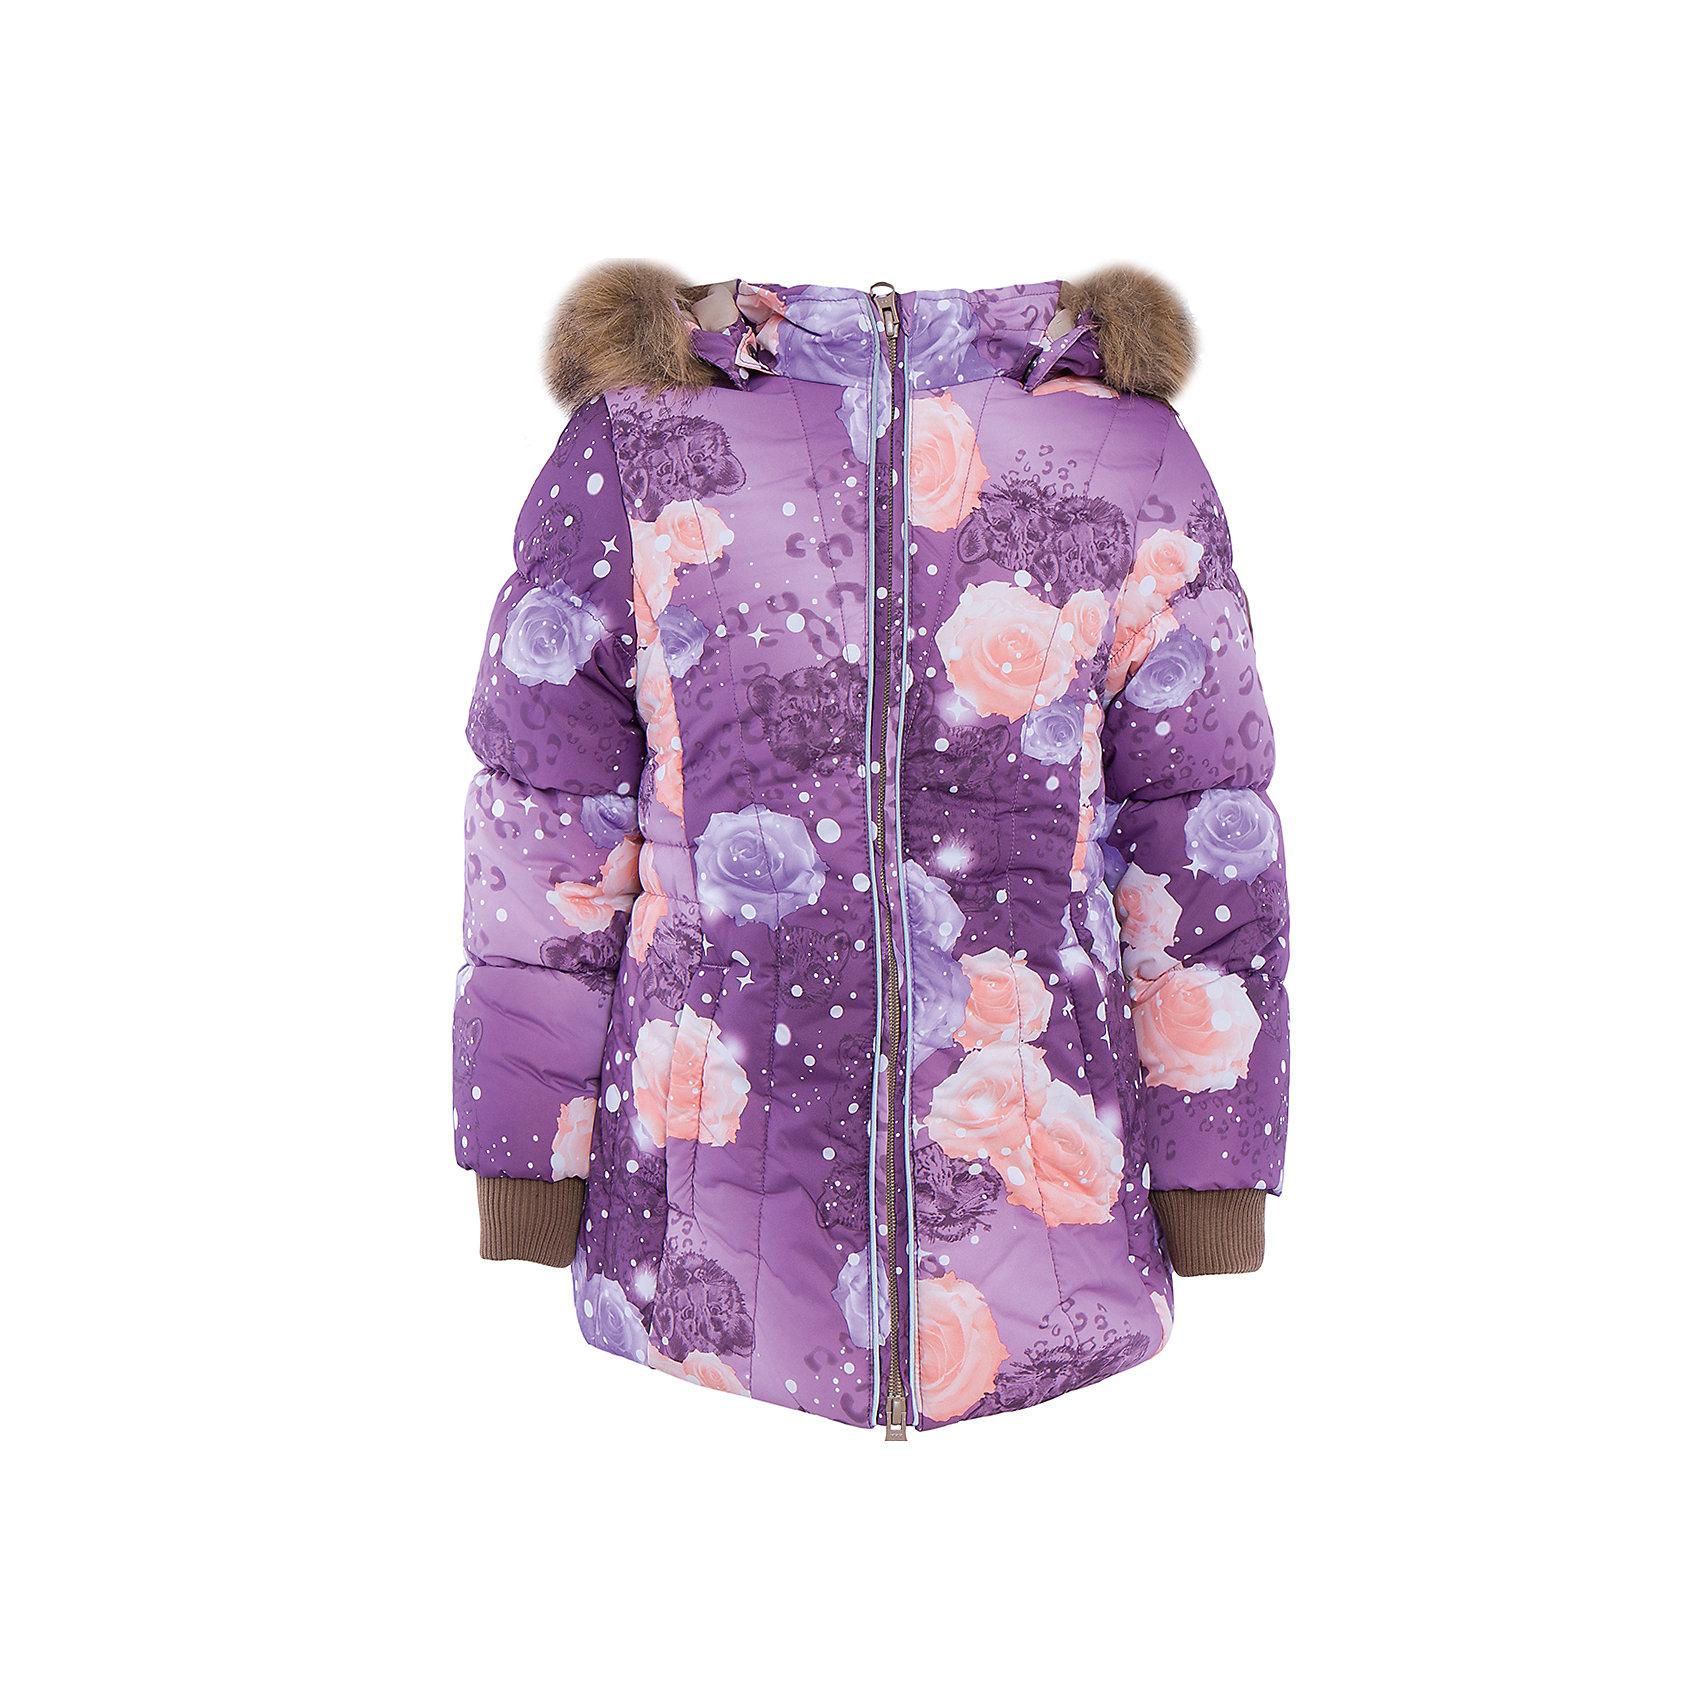 Куртка   для девочки HuppaMETTE Huppa(Хуппа) - утепленная куртка для девочки.<br><br>Утеплитель: 100% полиэстер, 300 гр.<br><br>Температурный режим: до -30 градусов. Степень утепления – высокая. <br><br>* Температурный режим указан приблизительно — необходимо, прежде всего, ориентироваться на ощущения ребенка. Температурный режим работает в случае соблюдения правила многослойности – использования флисовой поддевы и термобелья.<br><br>Она сделана из прочных дышащих материалов, которые не пропускают воду и ветер и выводят лишнюю влагу. Утеплитель HuppaTherm сохранит высокую теплоизоляцию и объем. Кроме того, куртку легко стирать при температуре до 40 градусов и сушить. Приятный дизайн и высокое качество непременно понравятся юной обладательнице такой куртки!<br><br>Особенности:<br>-съемный мех на капюшоне<br>-светоотражающие элементы<br>-отстегивающийся капюшон<br>-скрытые манжеты на рукавах<br><br>Дополнительная информация: <br>Материал: 100% полиэстер<br>Подкладка: тафта - 100% полиэстер<br>Цвет: лиловый<br><br>Куртку METTE Huppa(Хуппа) можно приобрести в нашем интернет-магазине.<br><br>Ширина мм: 356<br>Глубина мм: 10<br>Высота мм: 245<br>Вес г: 519<br>Цвет: фиолетовый<br>Возраст от месяцев: 36<br>Возраст до месяцев: 48<br>Пол: Женский<br>Возраст: Детский<br>Размер: 104,140,110,116,122,128,134<br>SKU: 4928297